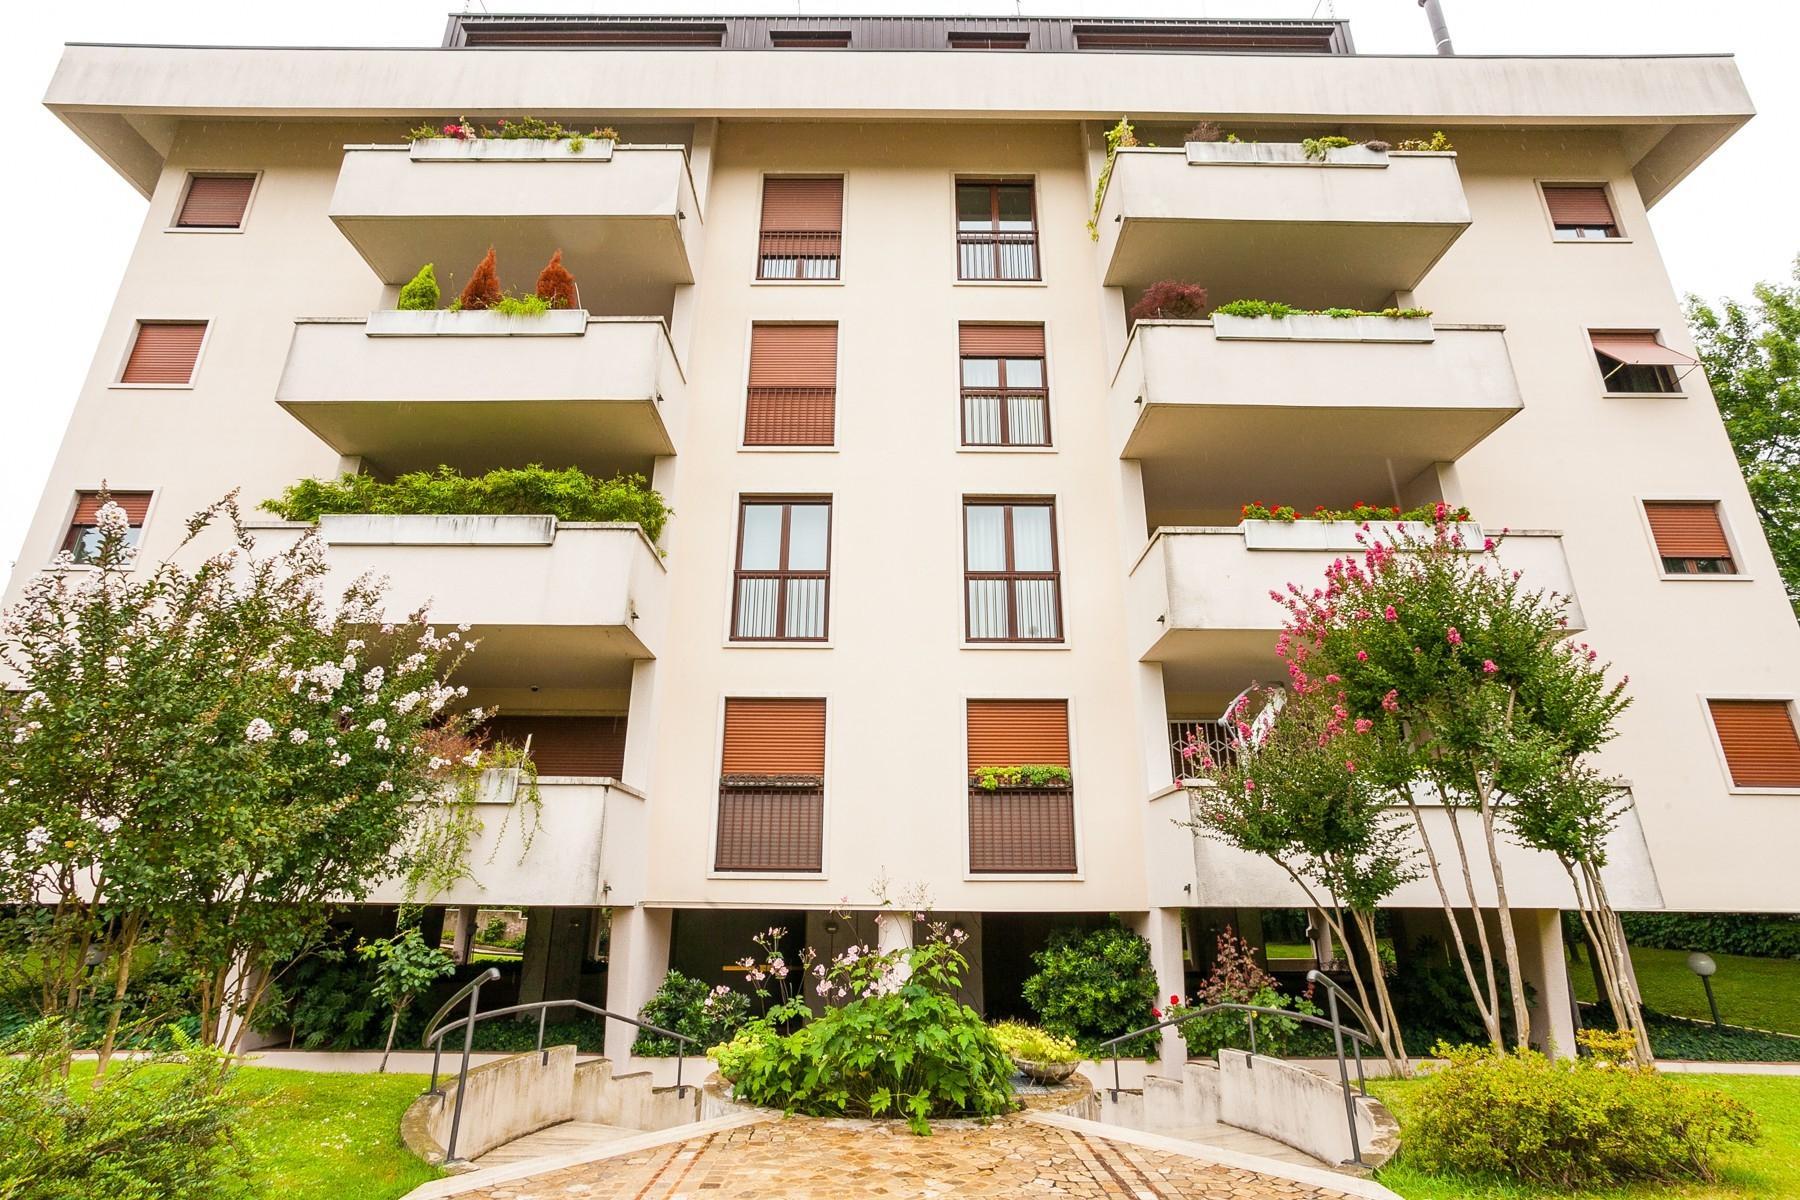 Neue moderne Wohnung mit geräumiger Terrasse - 18